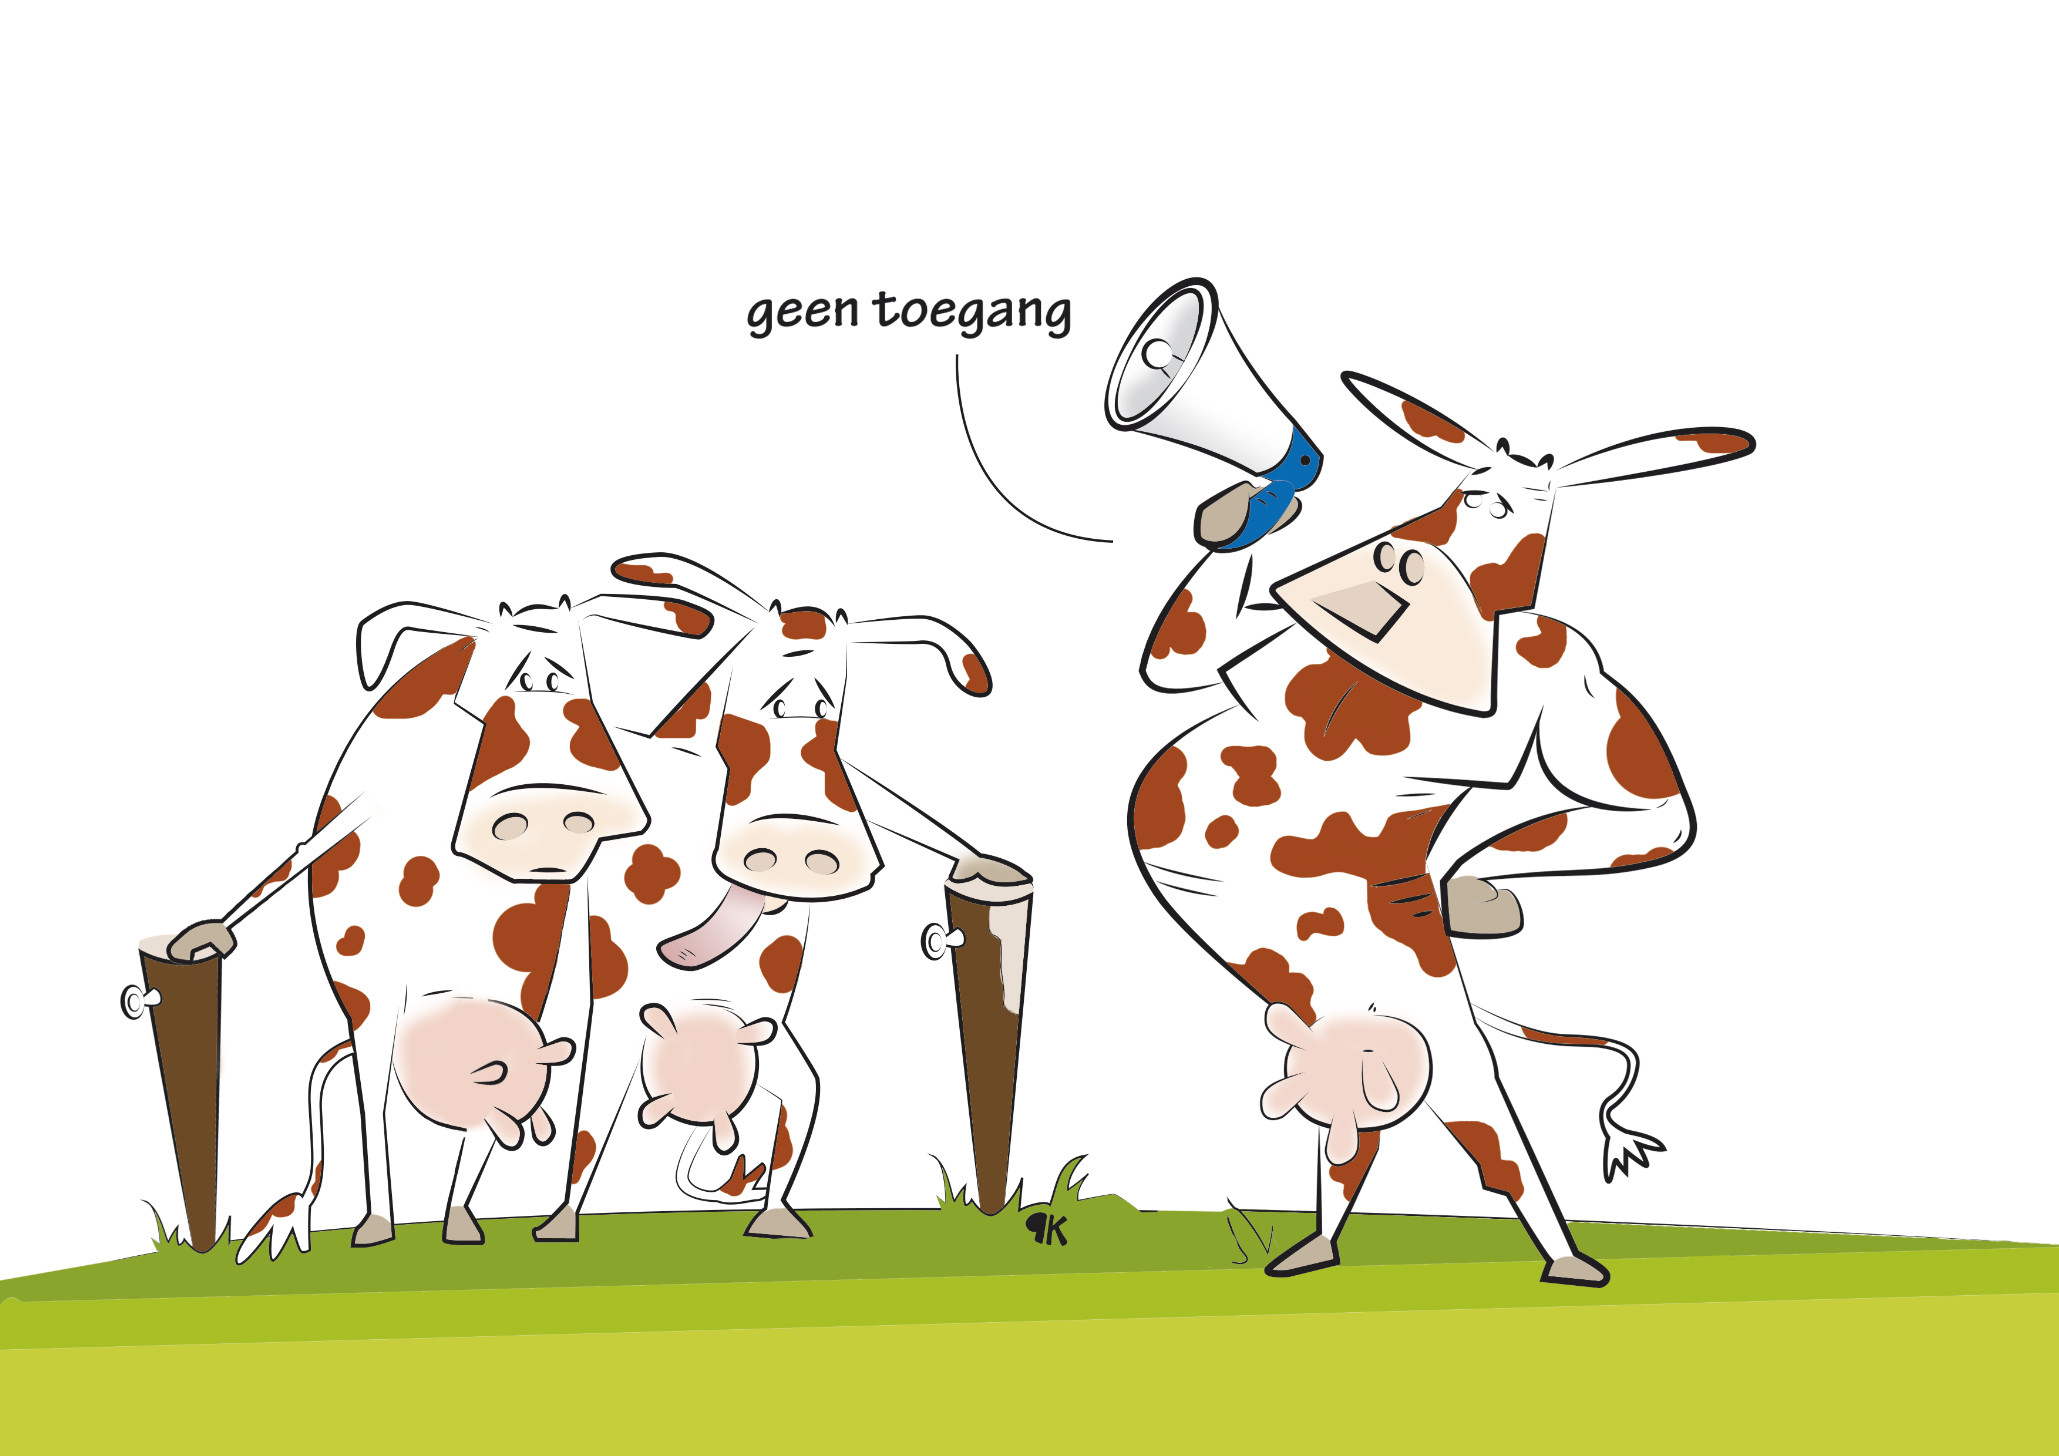 Bietenmonitor: bieten groeien goed